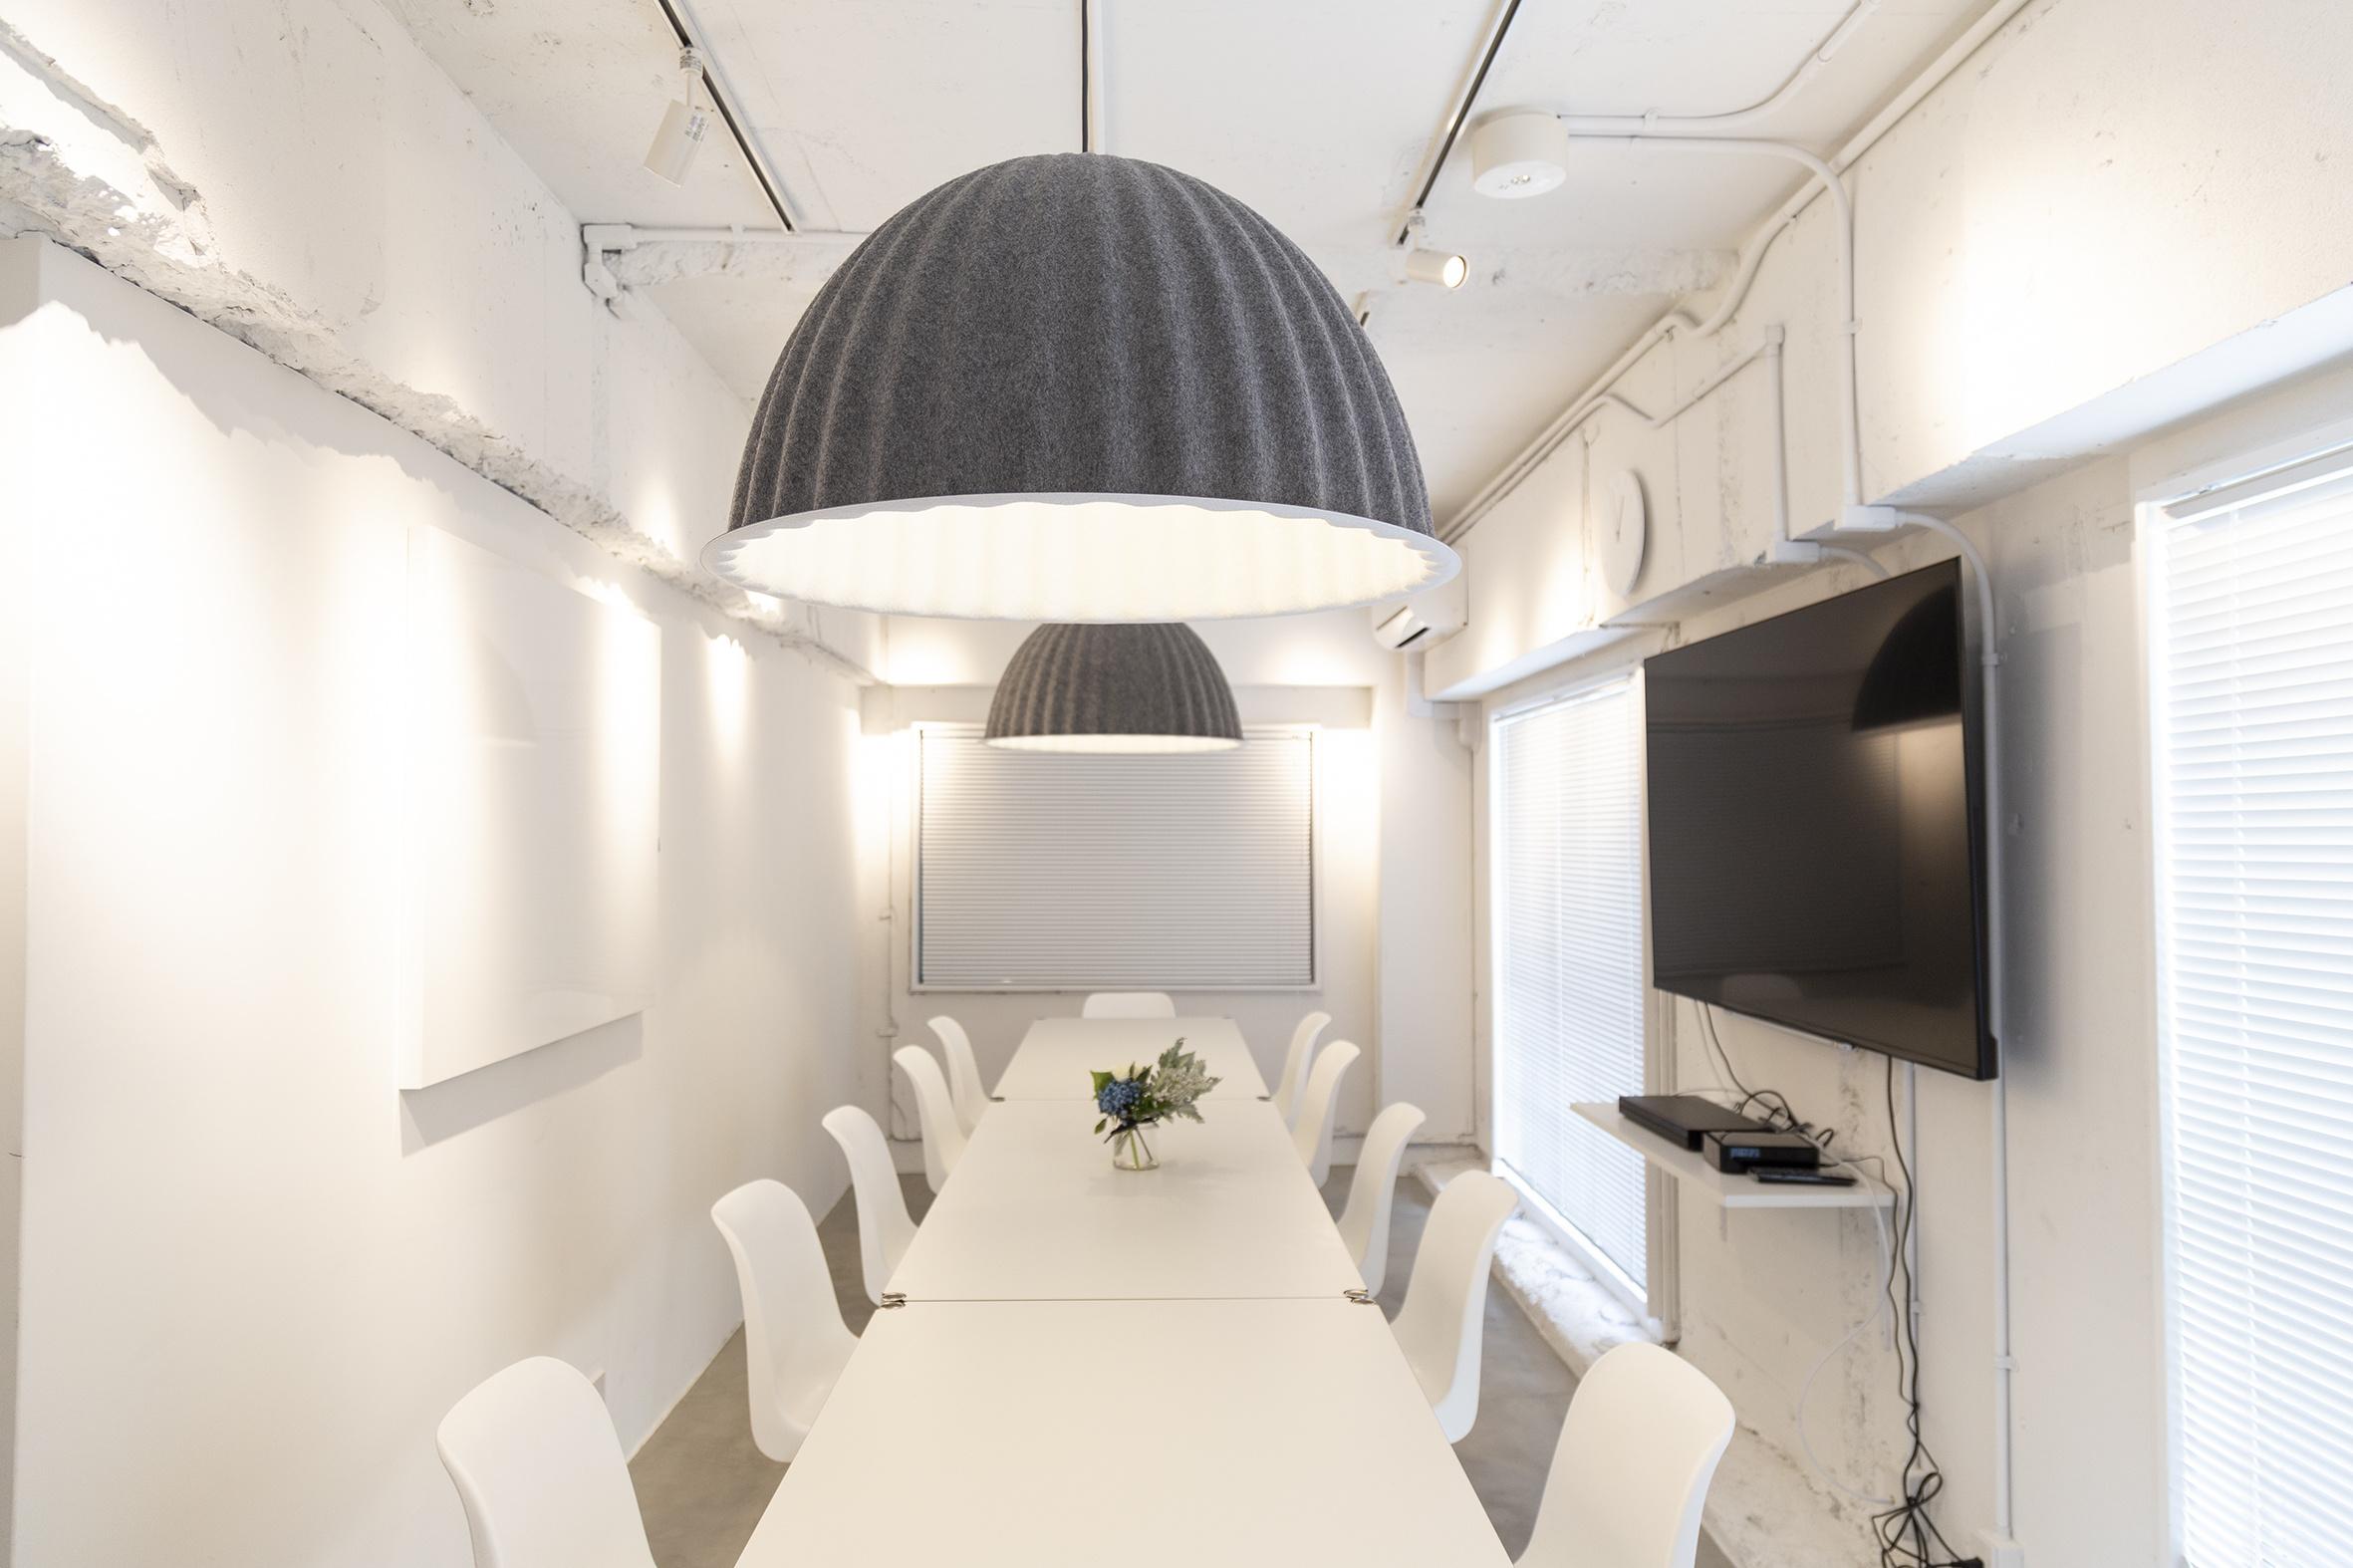 自然光で明るいスペースです。 - feel 浅草 feel 浅草 レンタルスペースの室内の写真